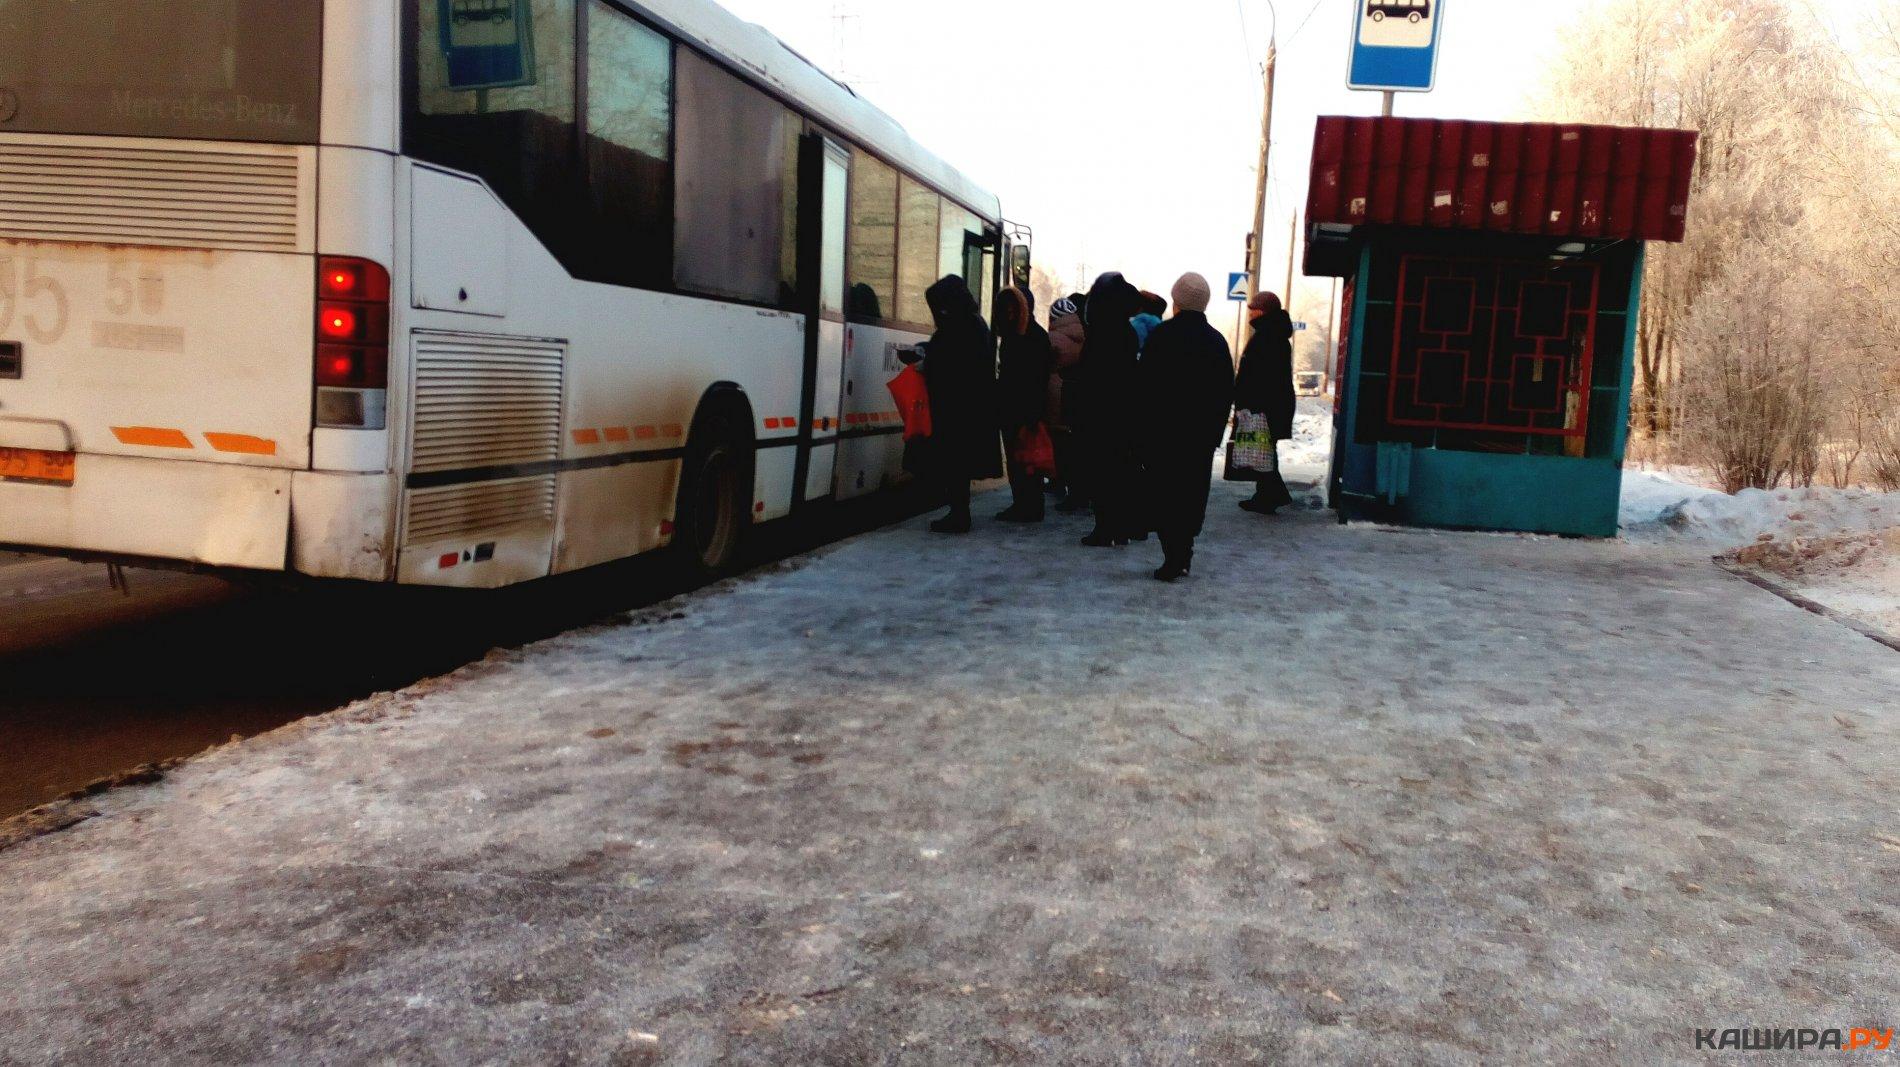 Касаются в автобусе, ебля с очень гигантским членом